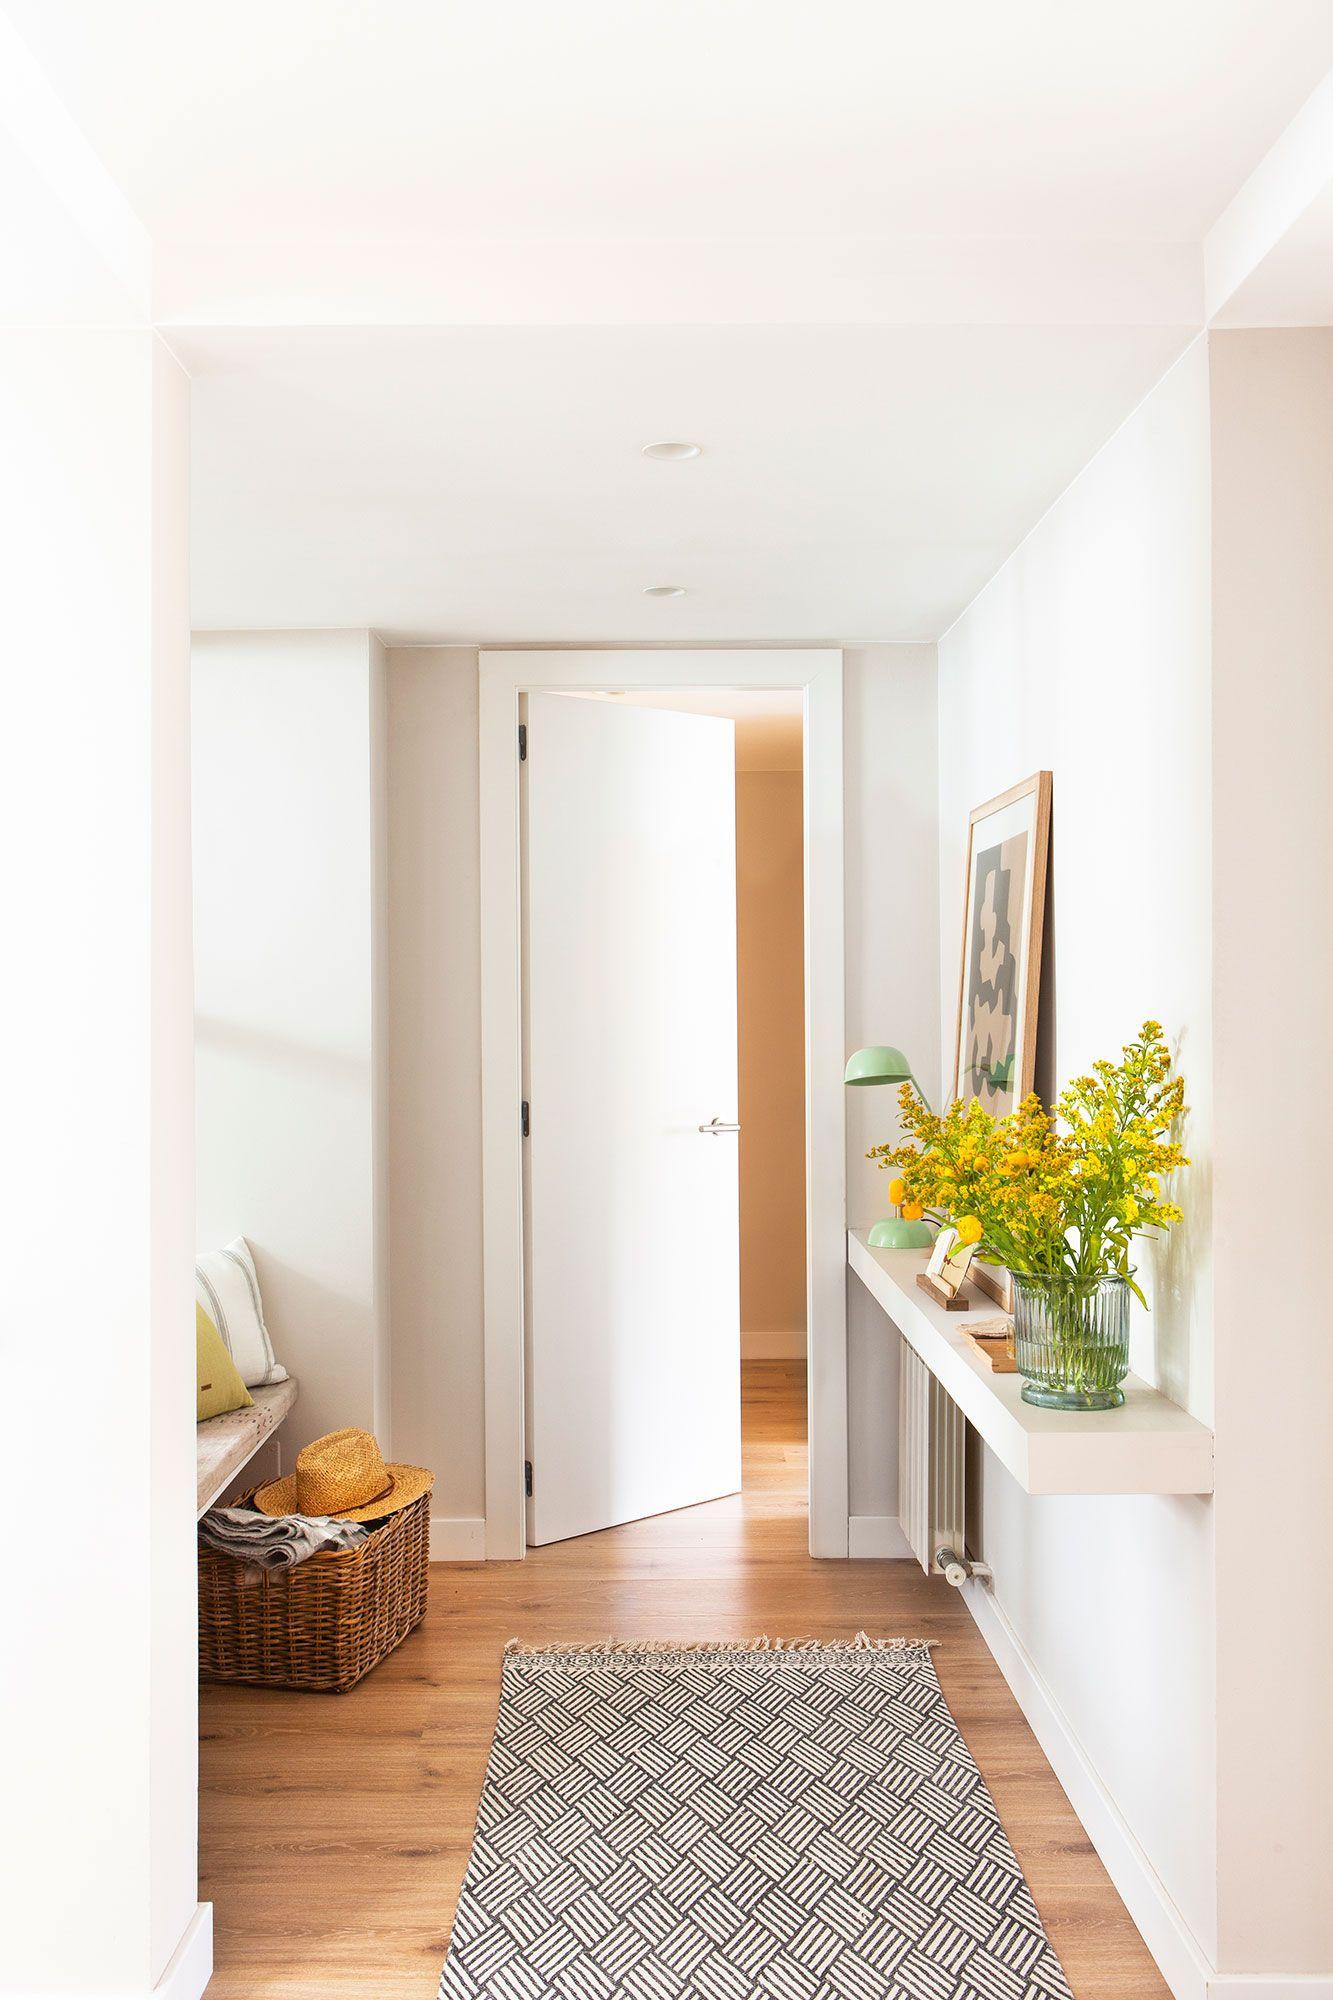 Con una balda basta en 2019 mini espacios house for Puertas decorativas para interiores